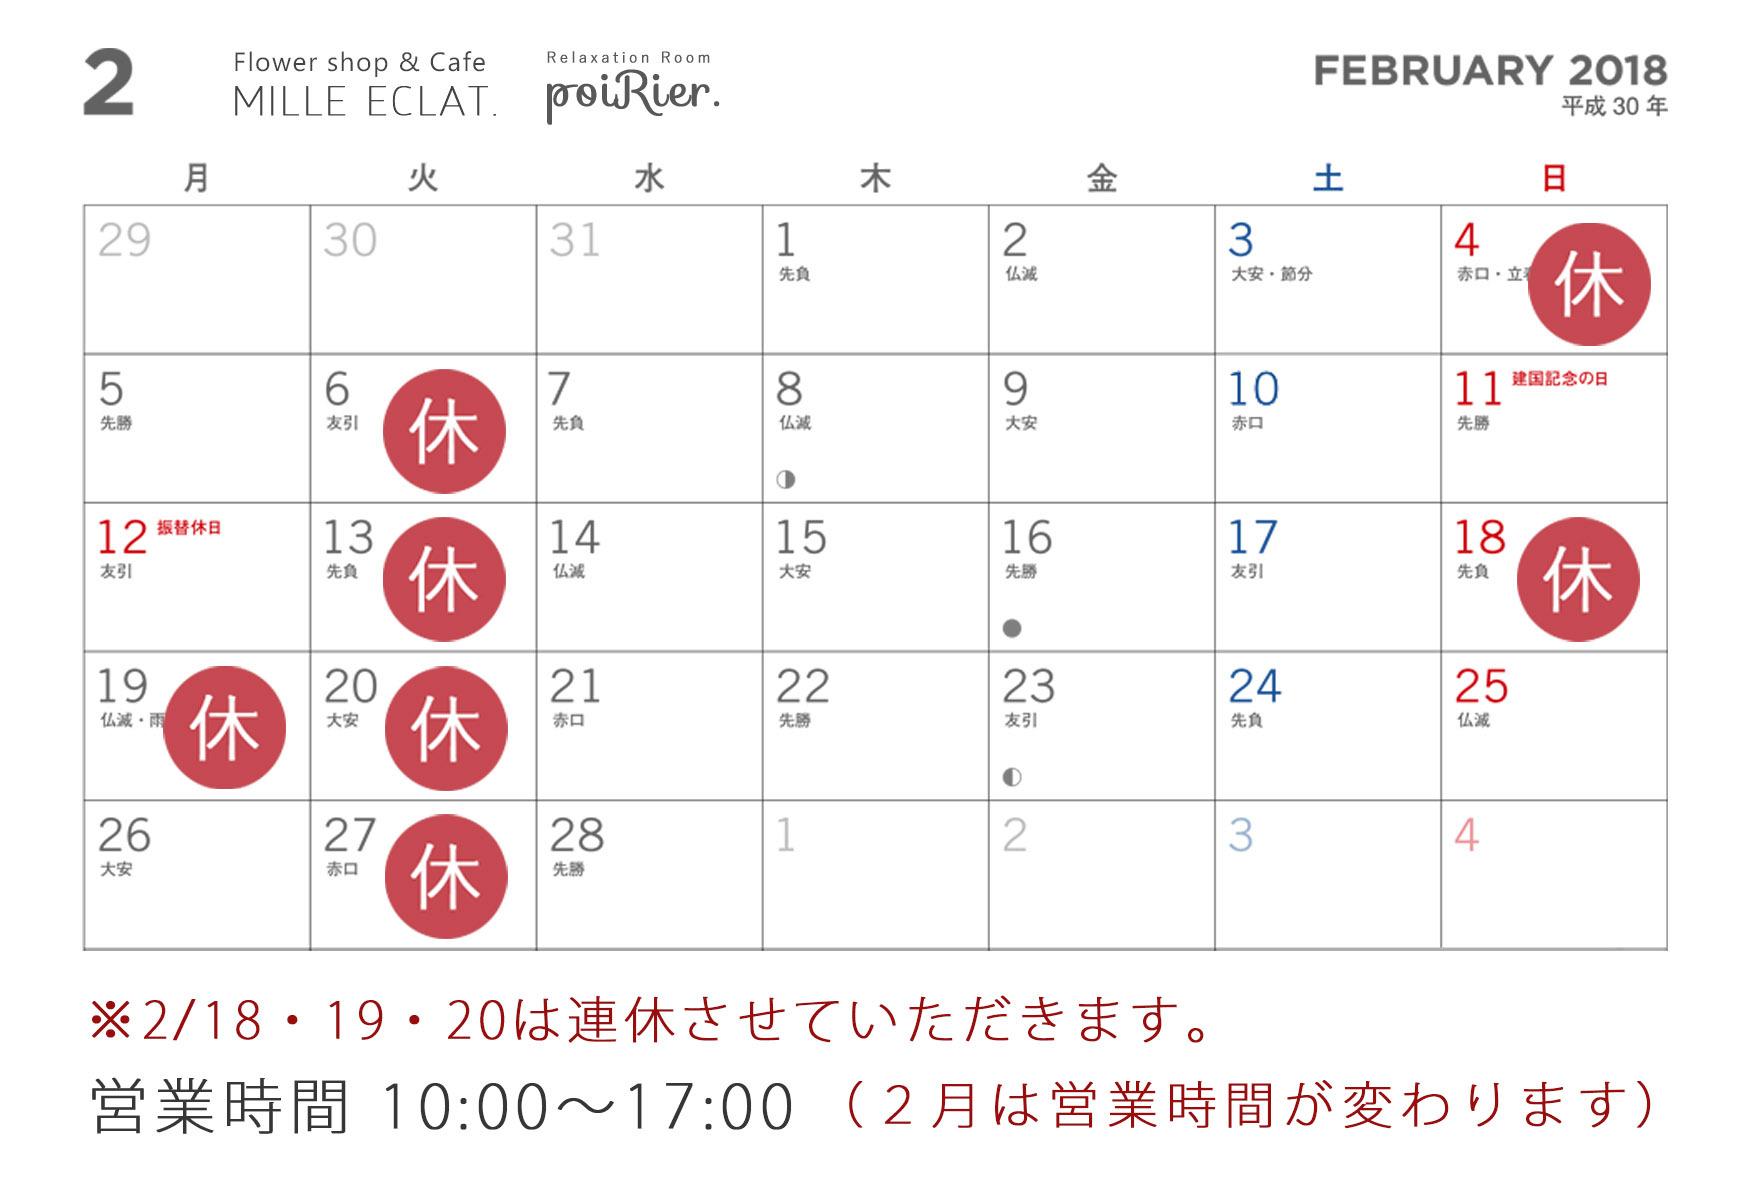 佐倉市ユーカリが丘のお花屋さんミルエクラ.2018年2月のお休み